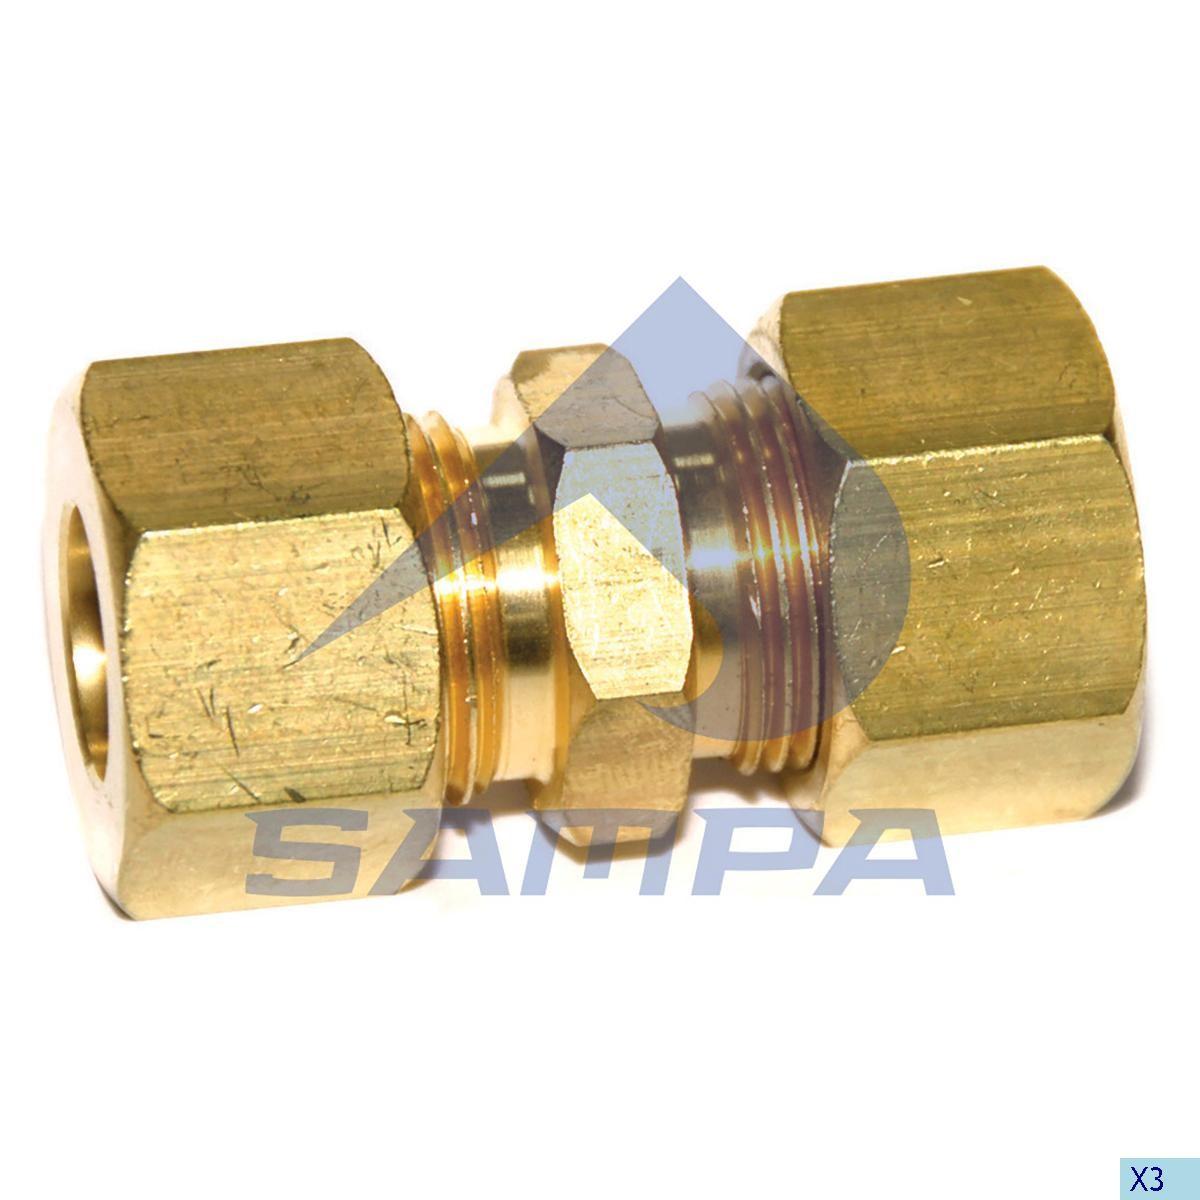 Inbinare tubulatura aer comprimat D=15x1,5 photo